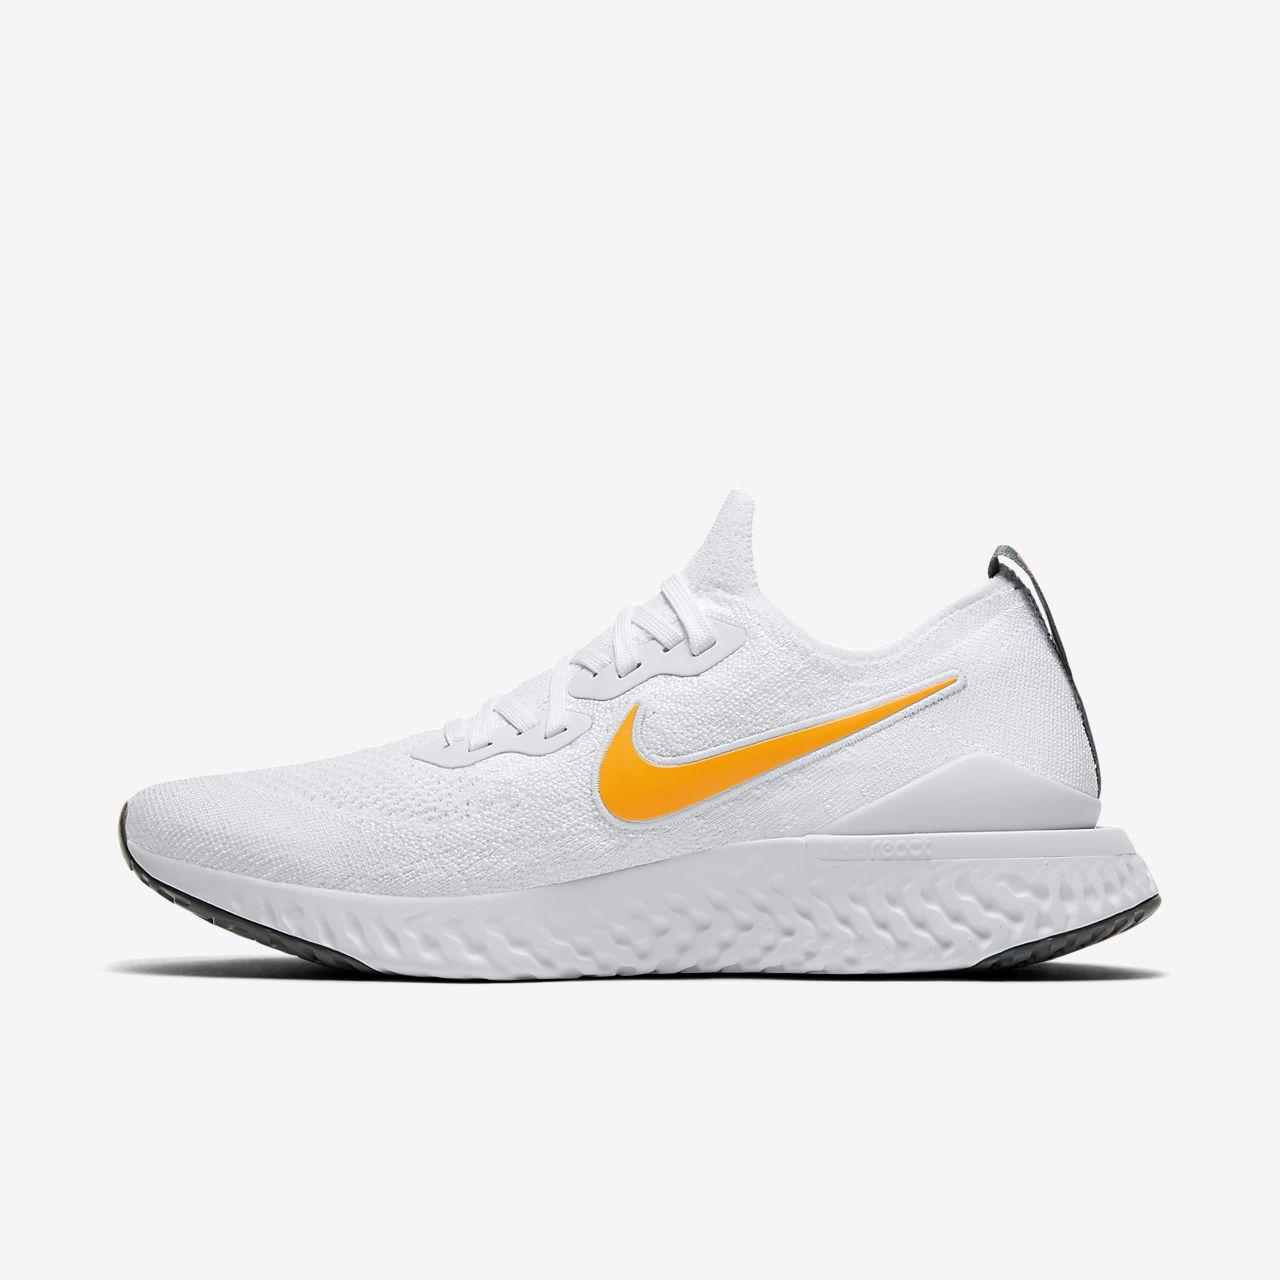 Löparsko Nike Epic React Flyknit 2 för män